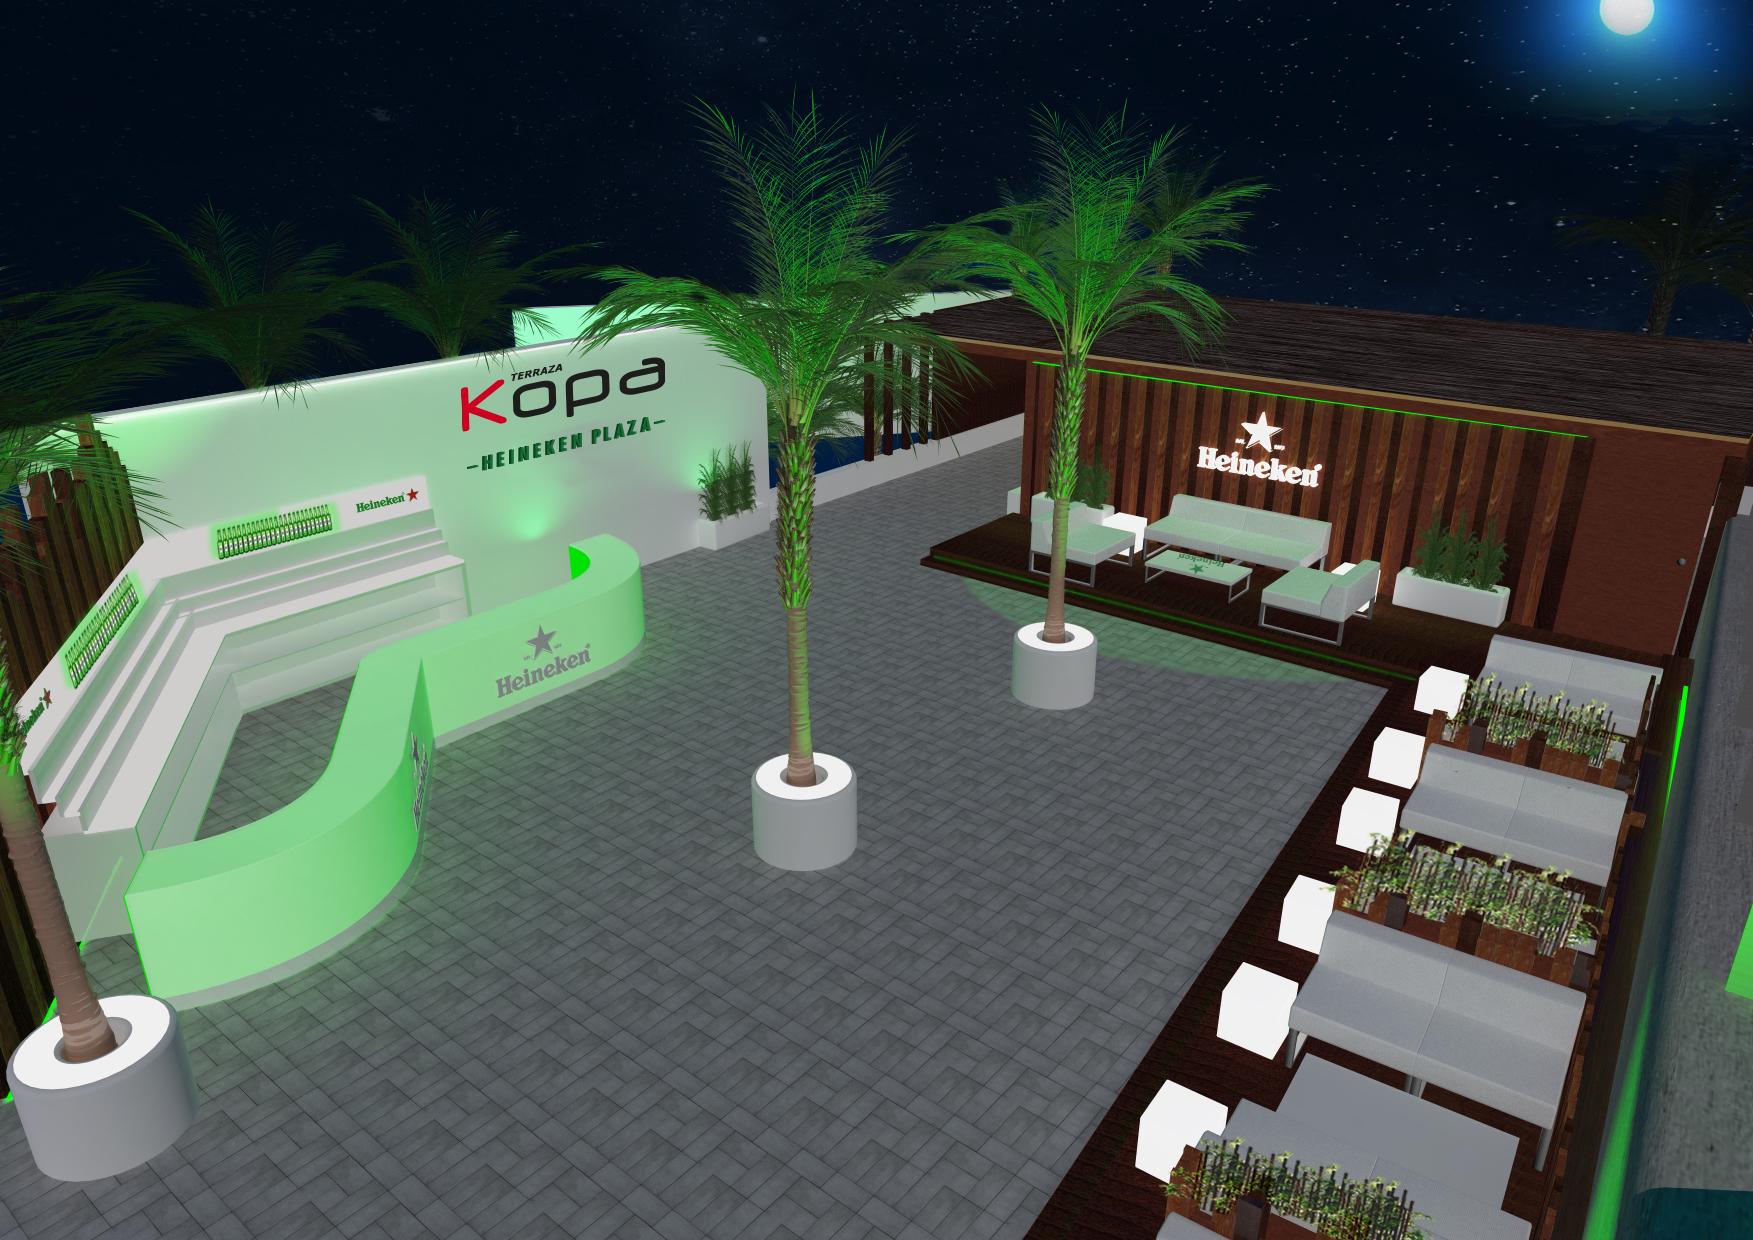 THE OFFICE_KOPA_RENDER_30_0015.jpg